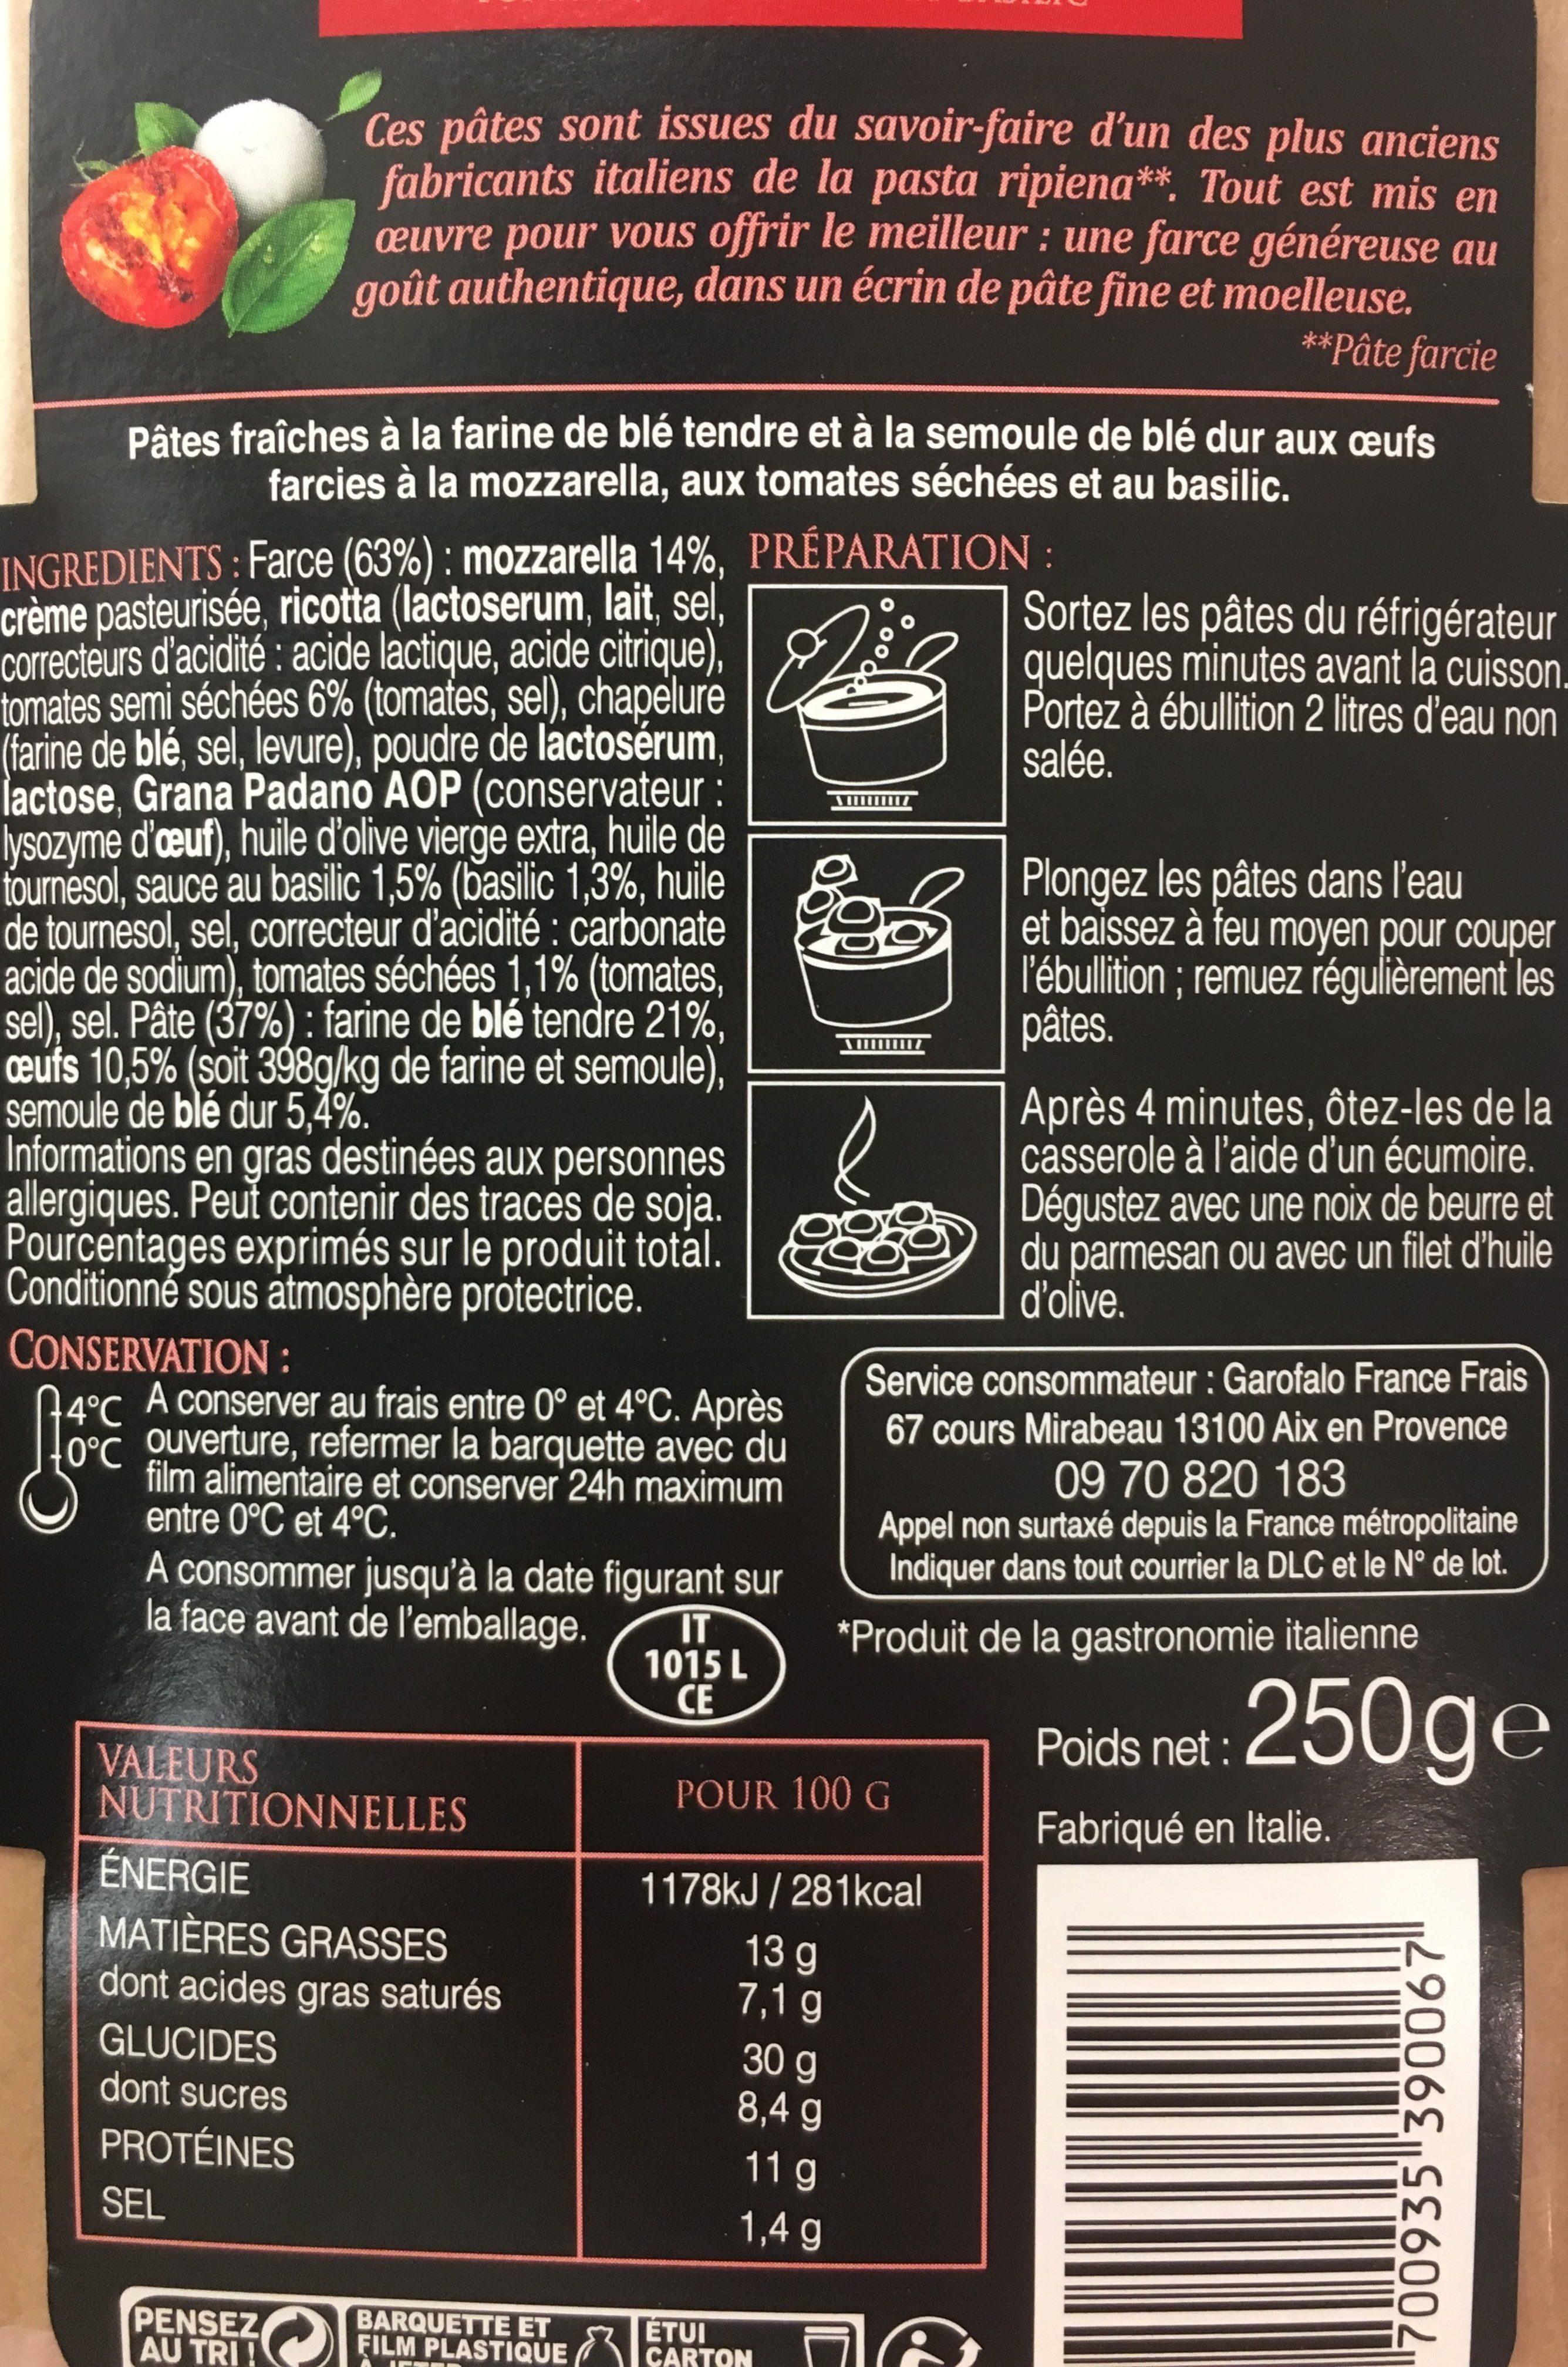 Pates fraiches tomate mozzarella et basilic - Ingredients